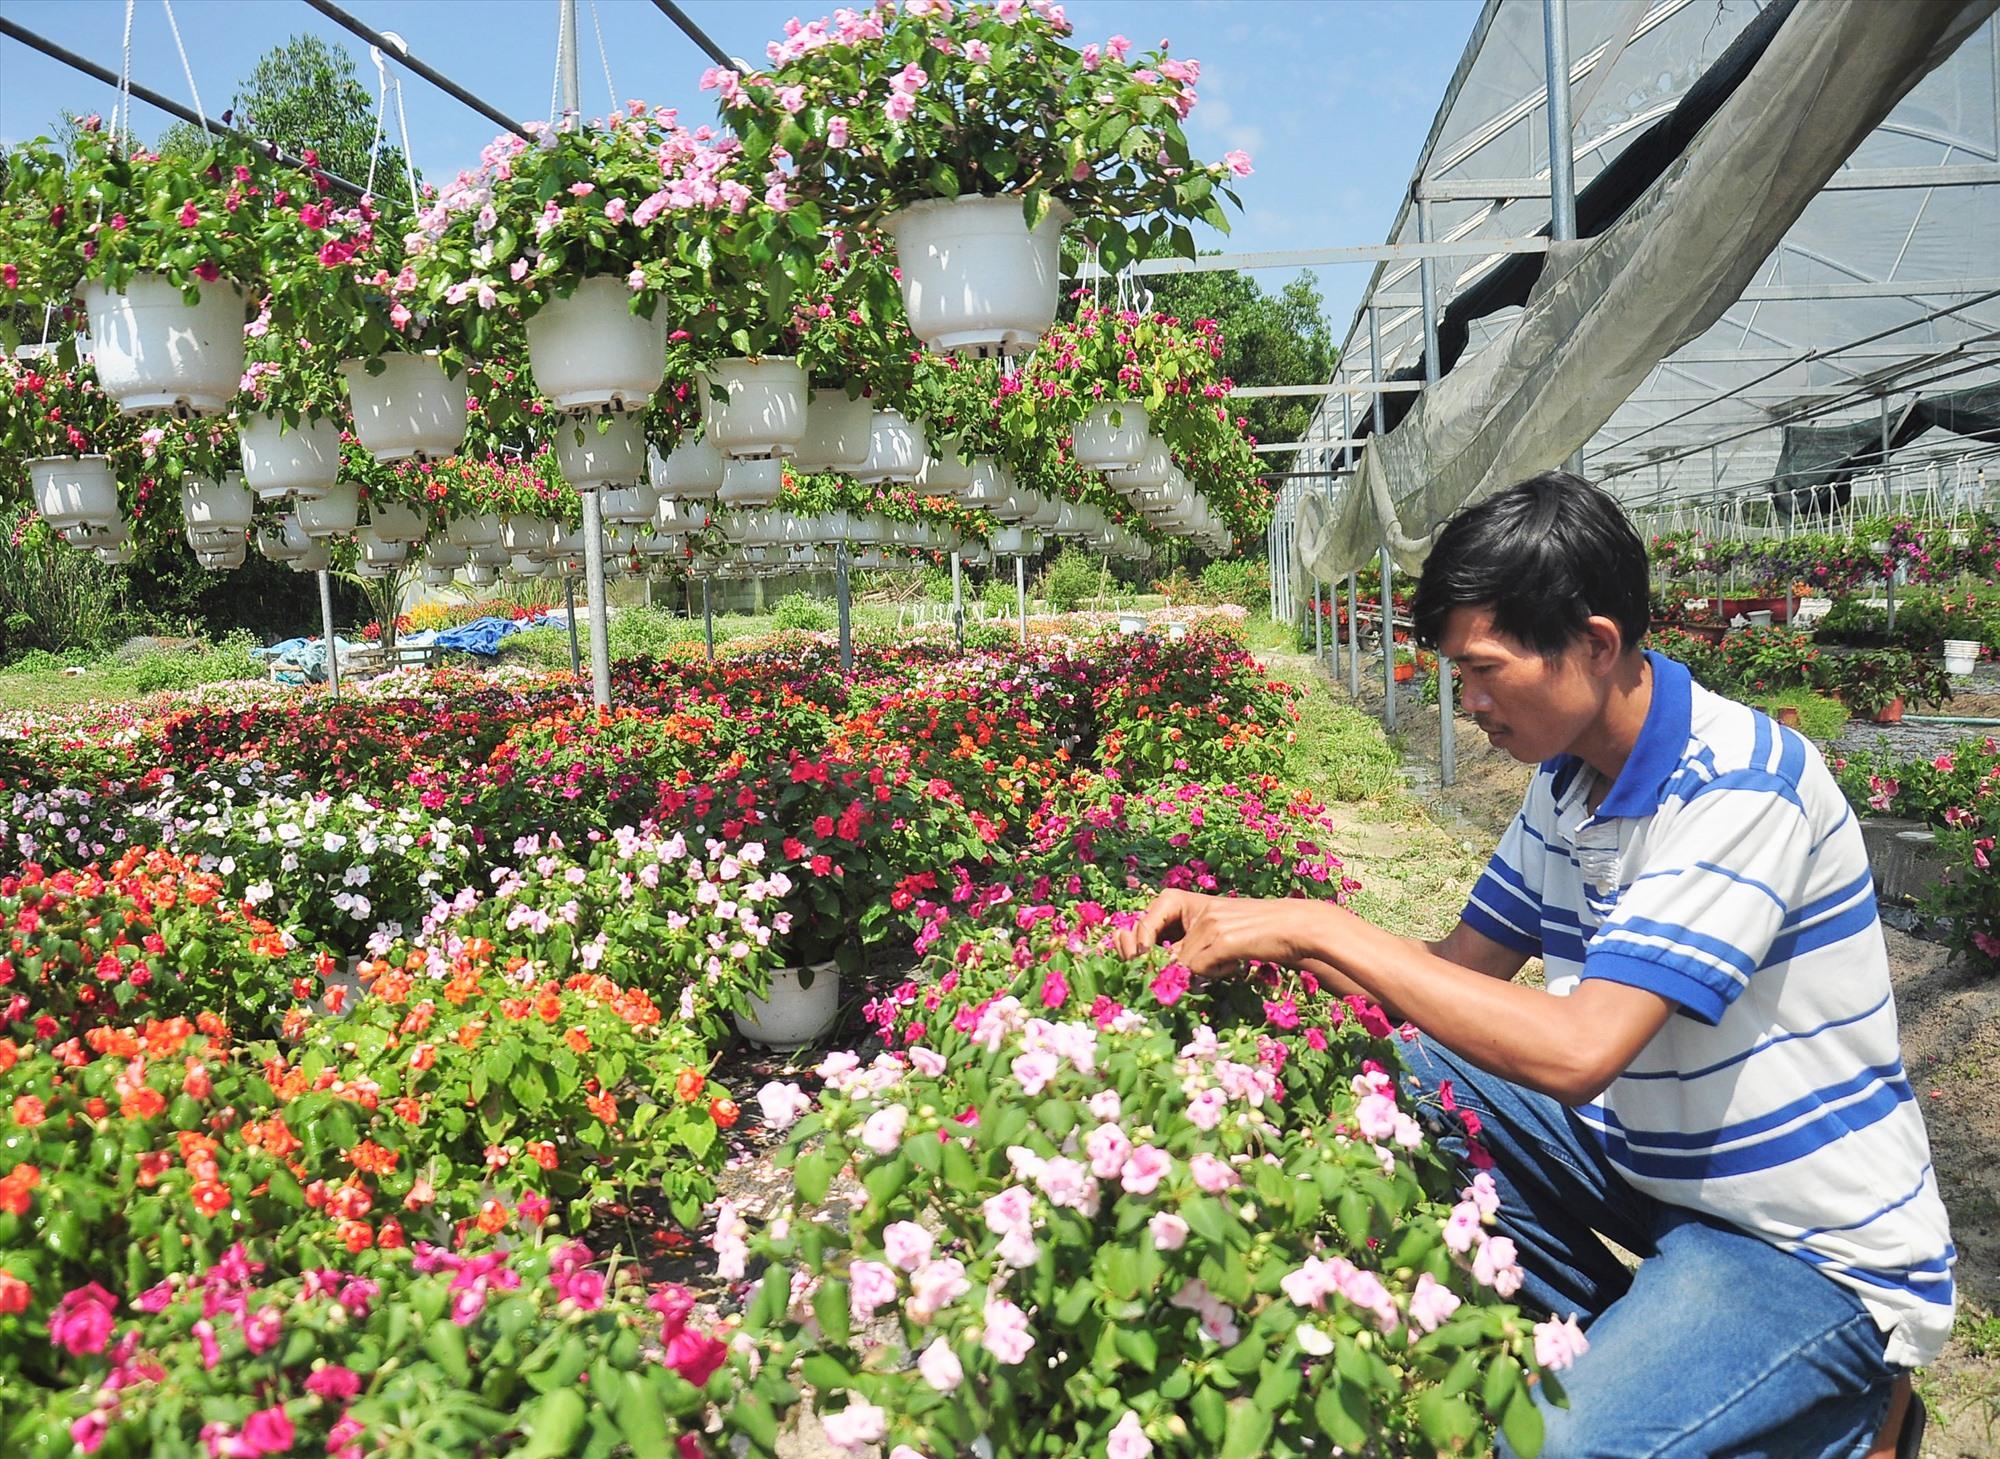 Nhiều mô hình trồng hoa, cây cảnh ở Phú Ninh mang lại nguồn thu nhập cao cho nông dân. Ảnh: N.S